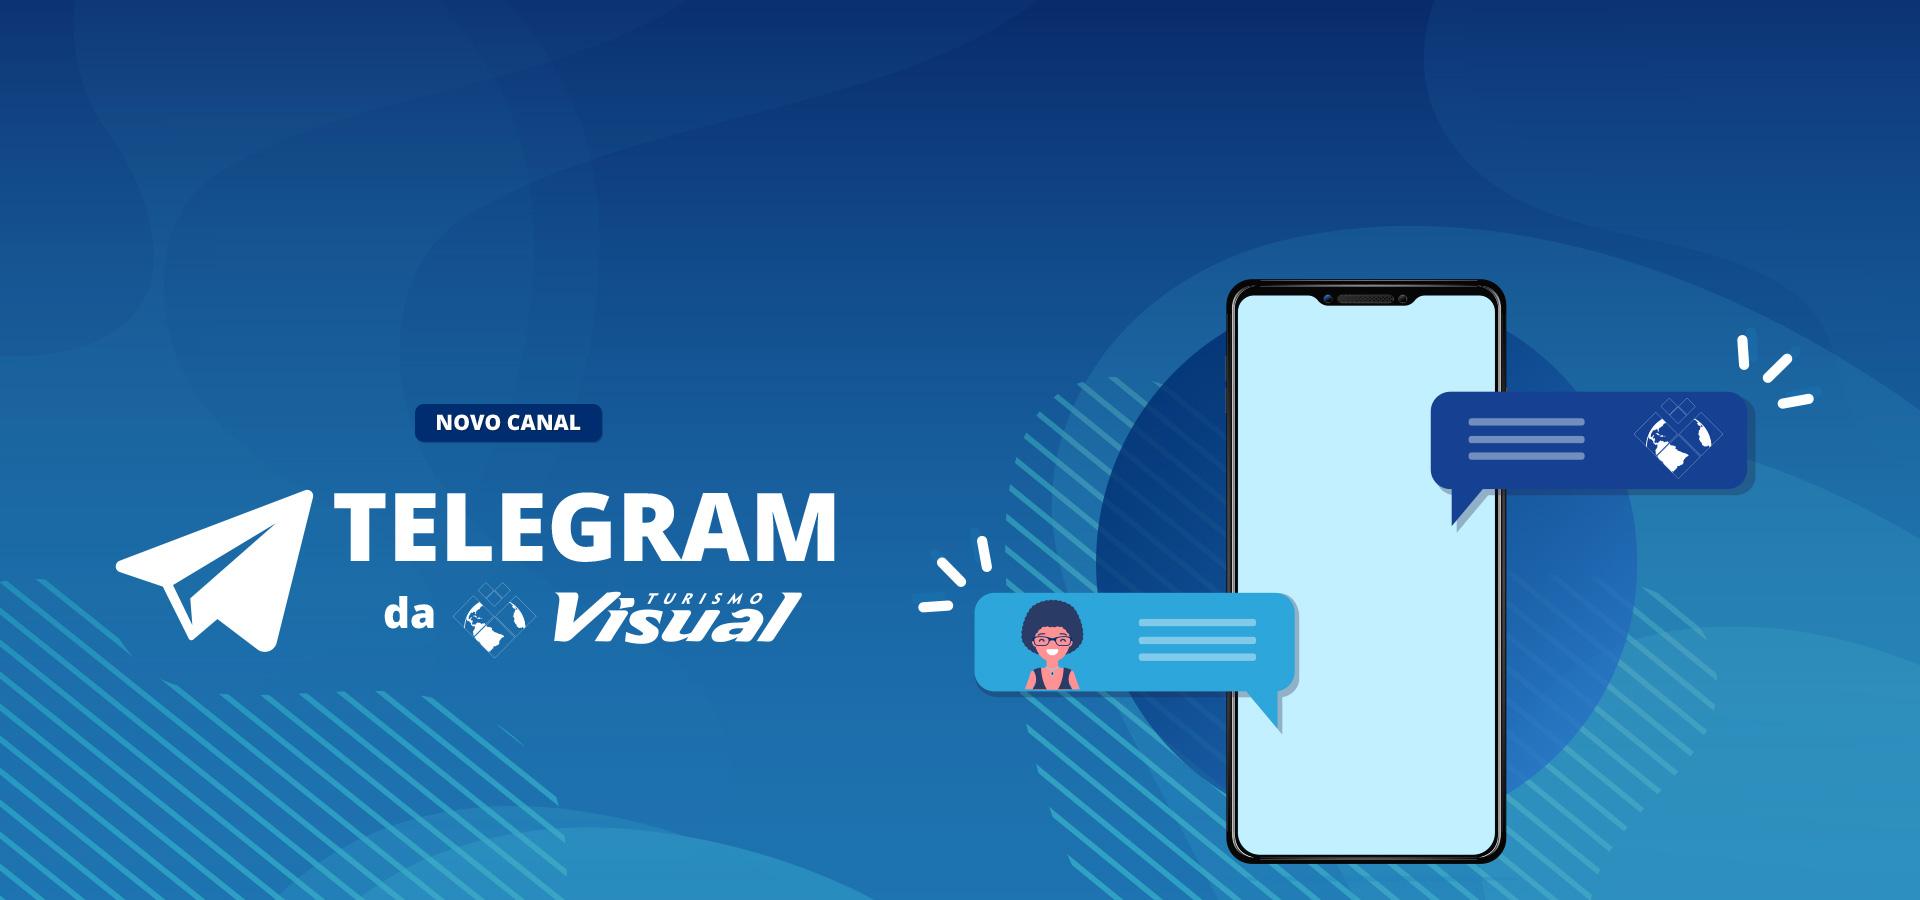 0923_vst_banner_telegram